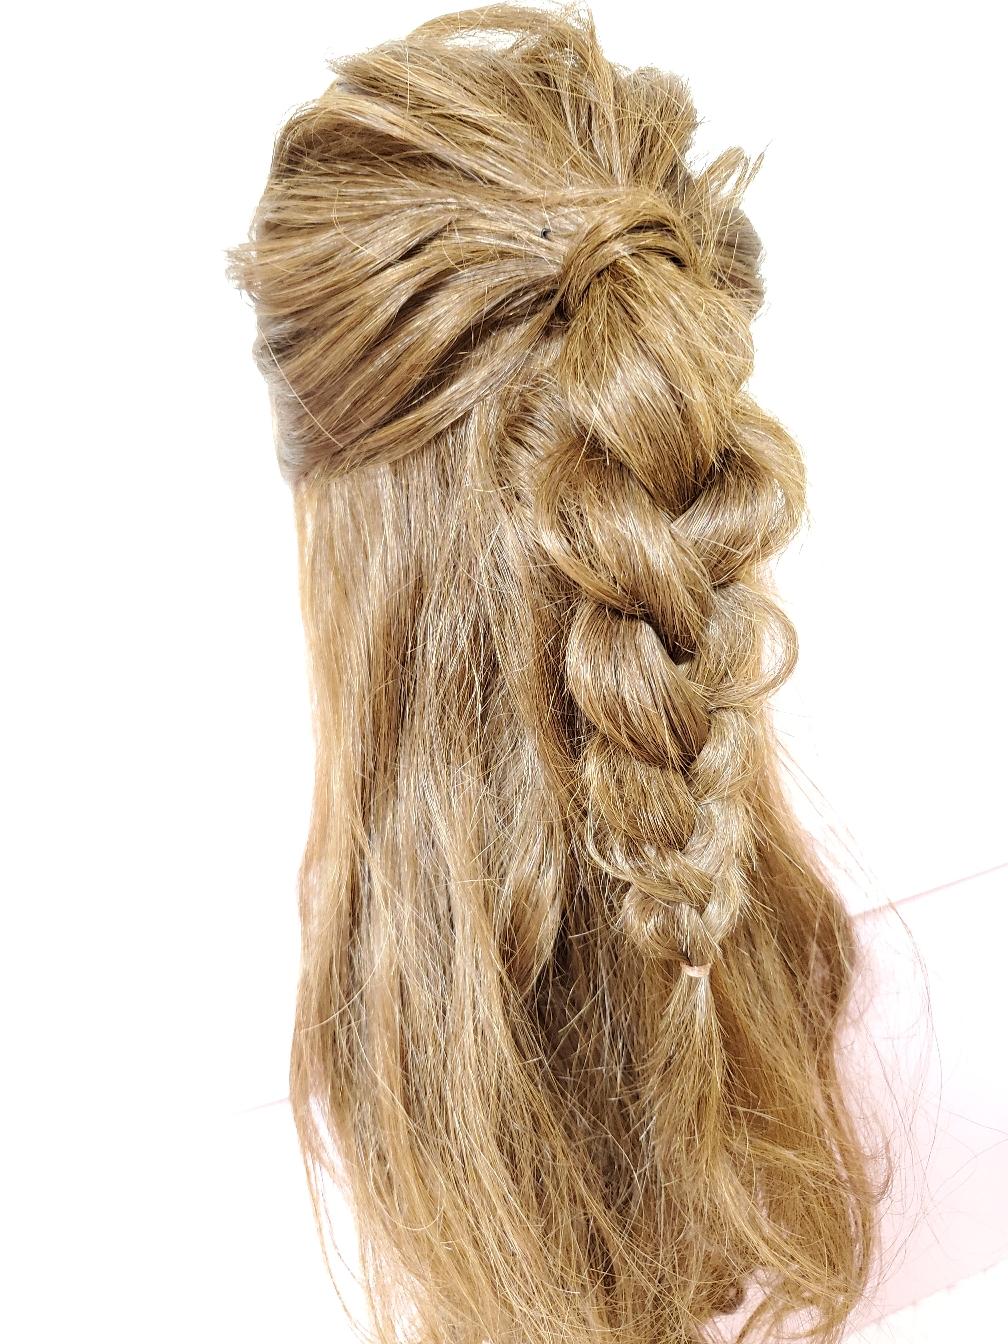 ん~、毛子ちゃん、さすが❗髪の毛多いね…